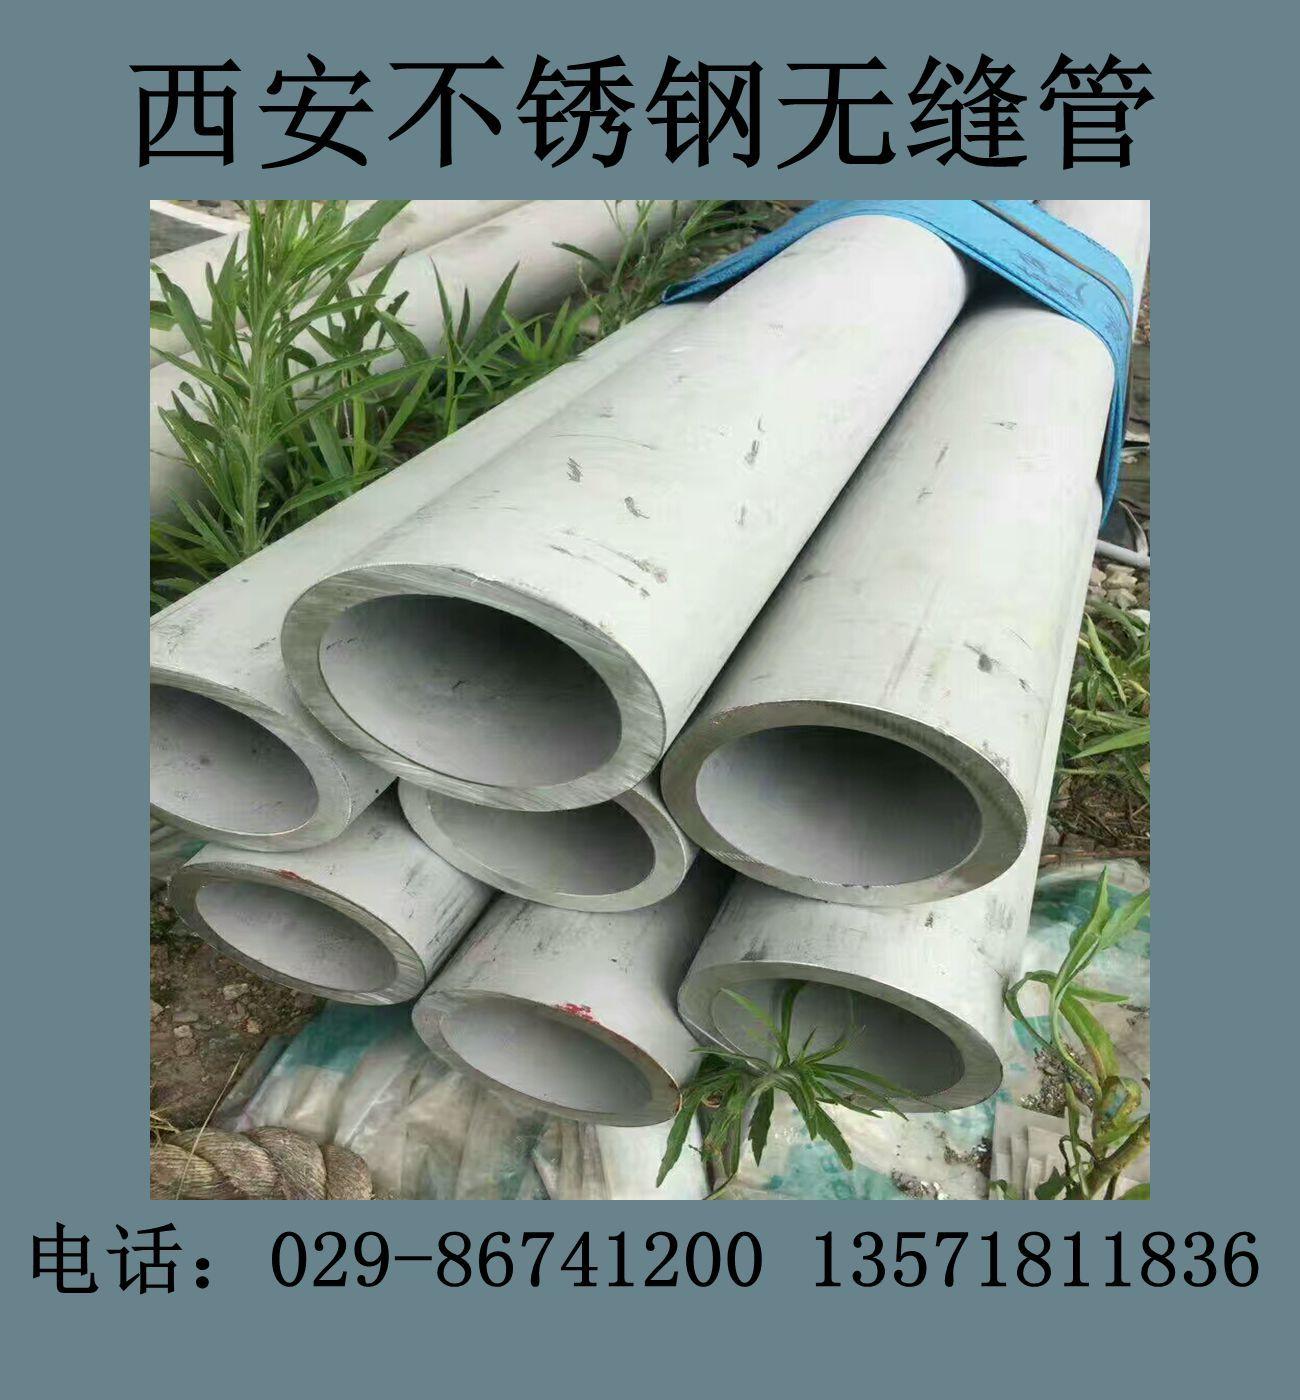 石河子不锈钢管石河子304不锈钢钢管石河子347不锈钢管厂家直销